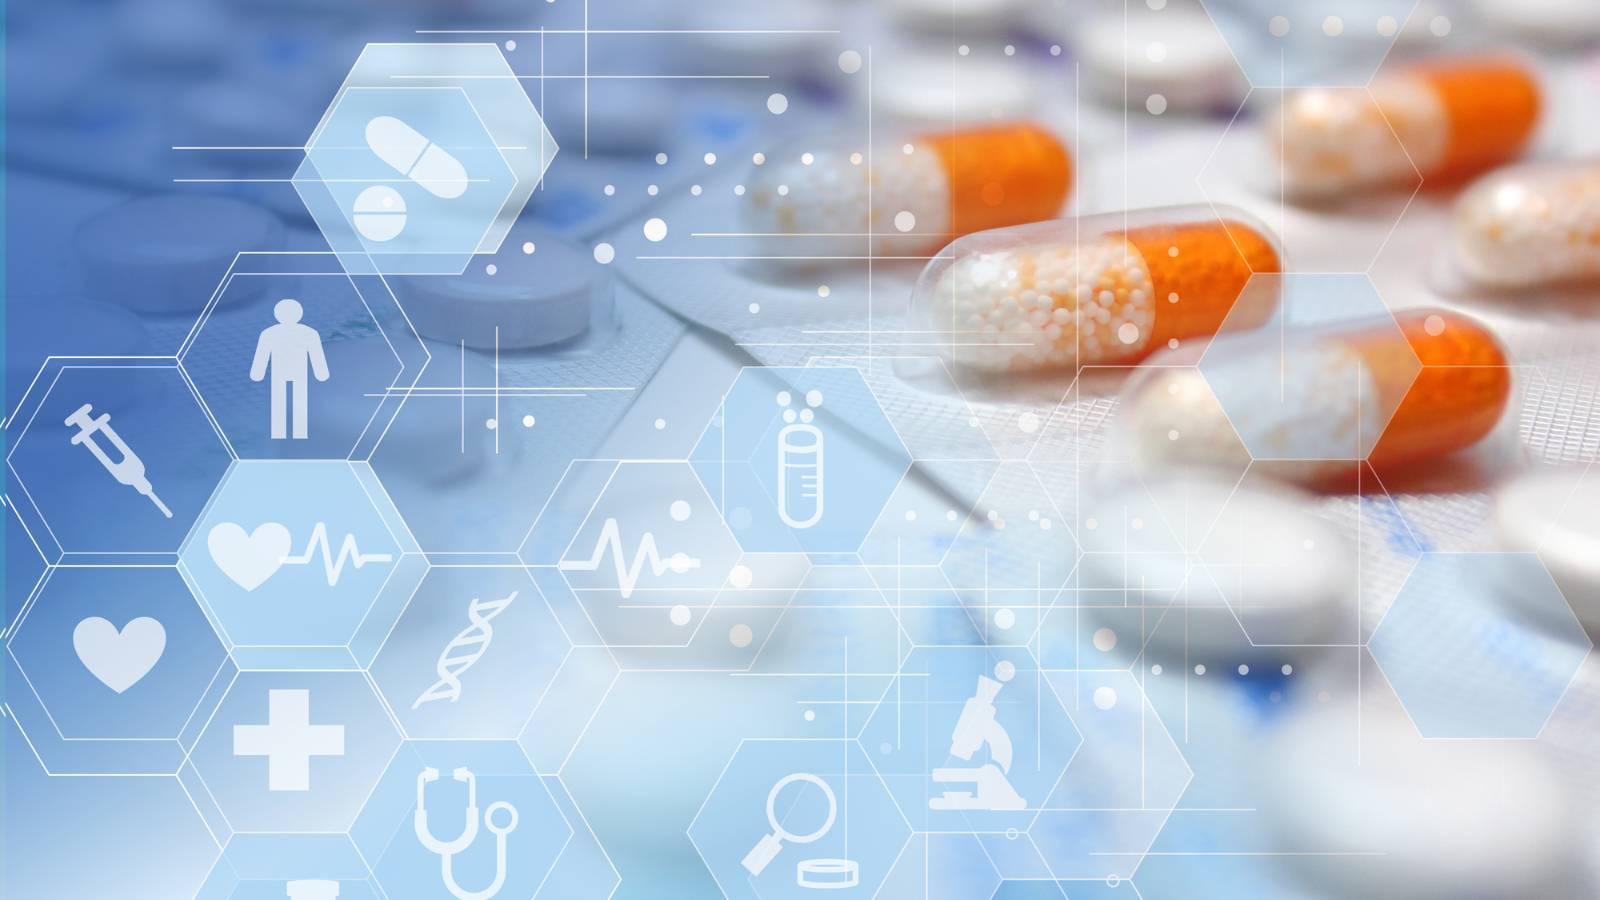 日本の医療をGAFAに牛耳られない為に必要な策 個別商品・サービスでなくエコシステムがカギ   政策   東洋経済オンライン